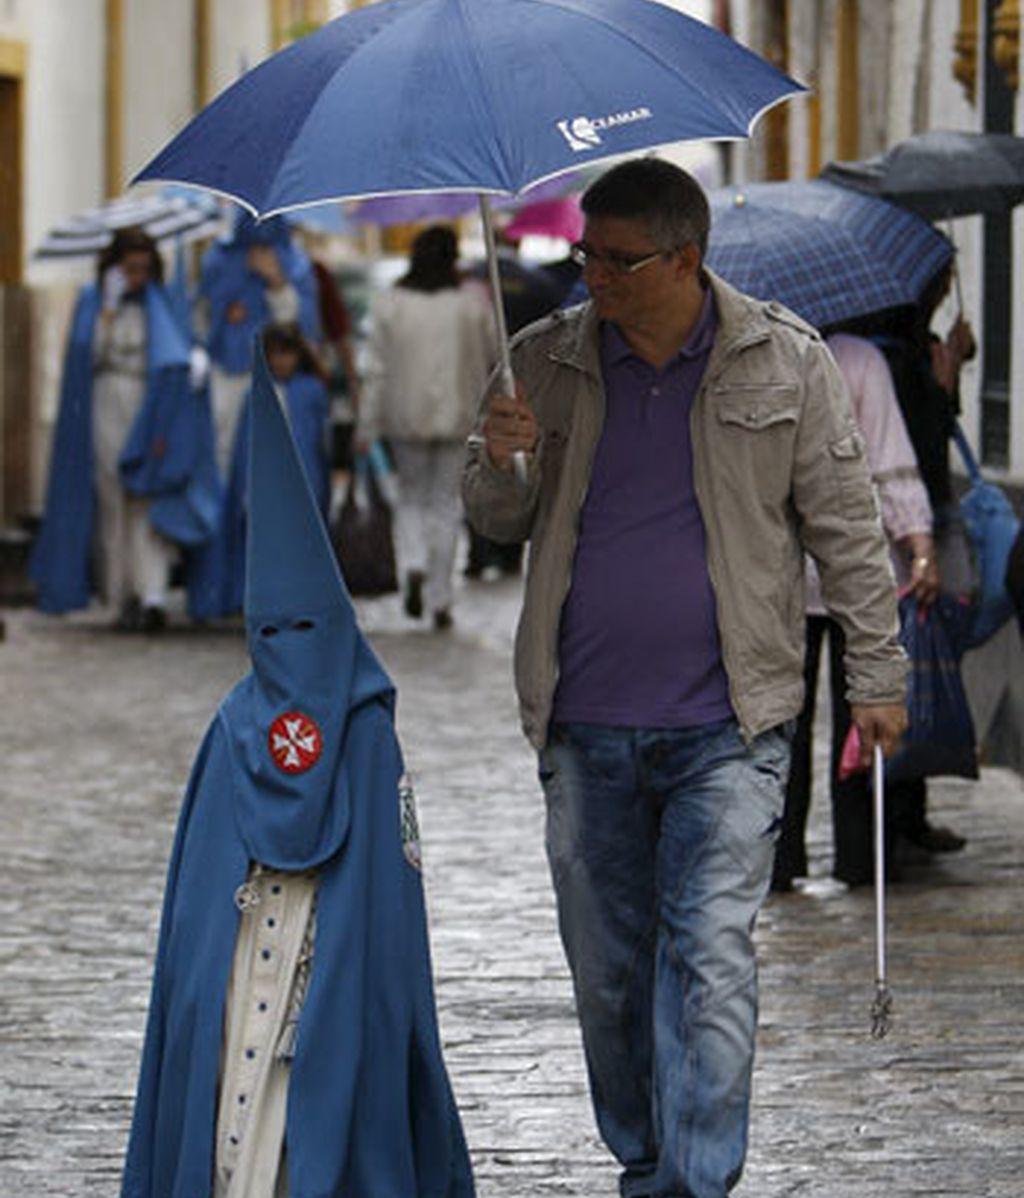 Suspendida la procesión de San Esteban en Sevilla